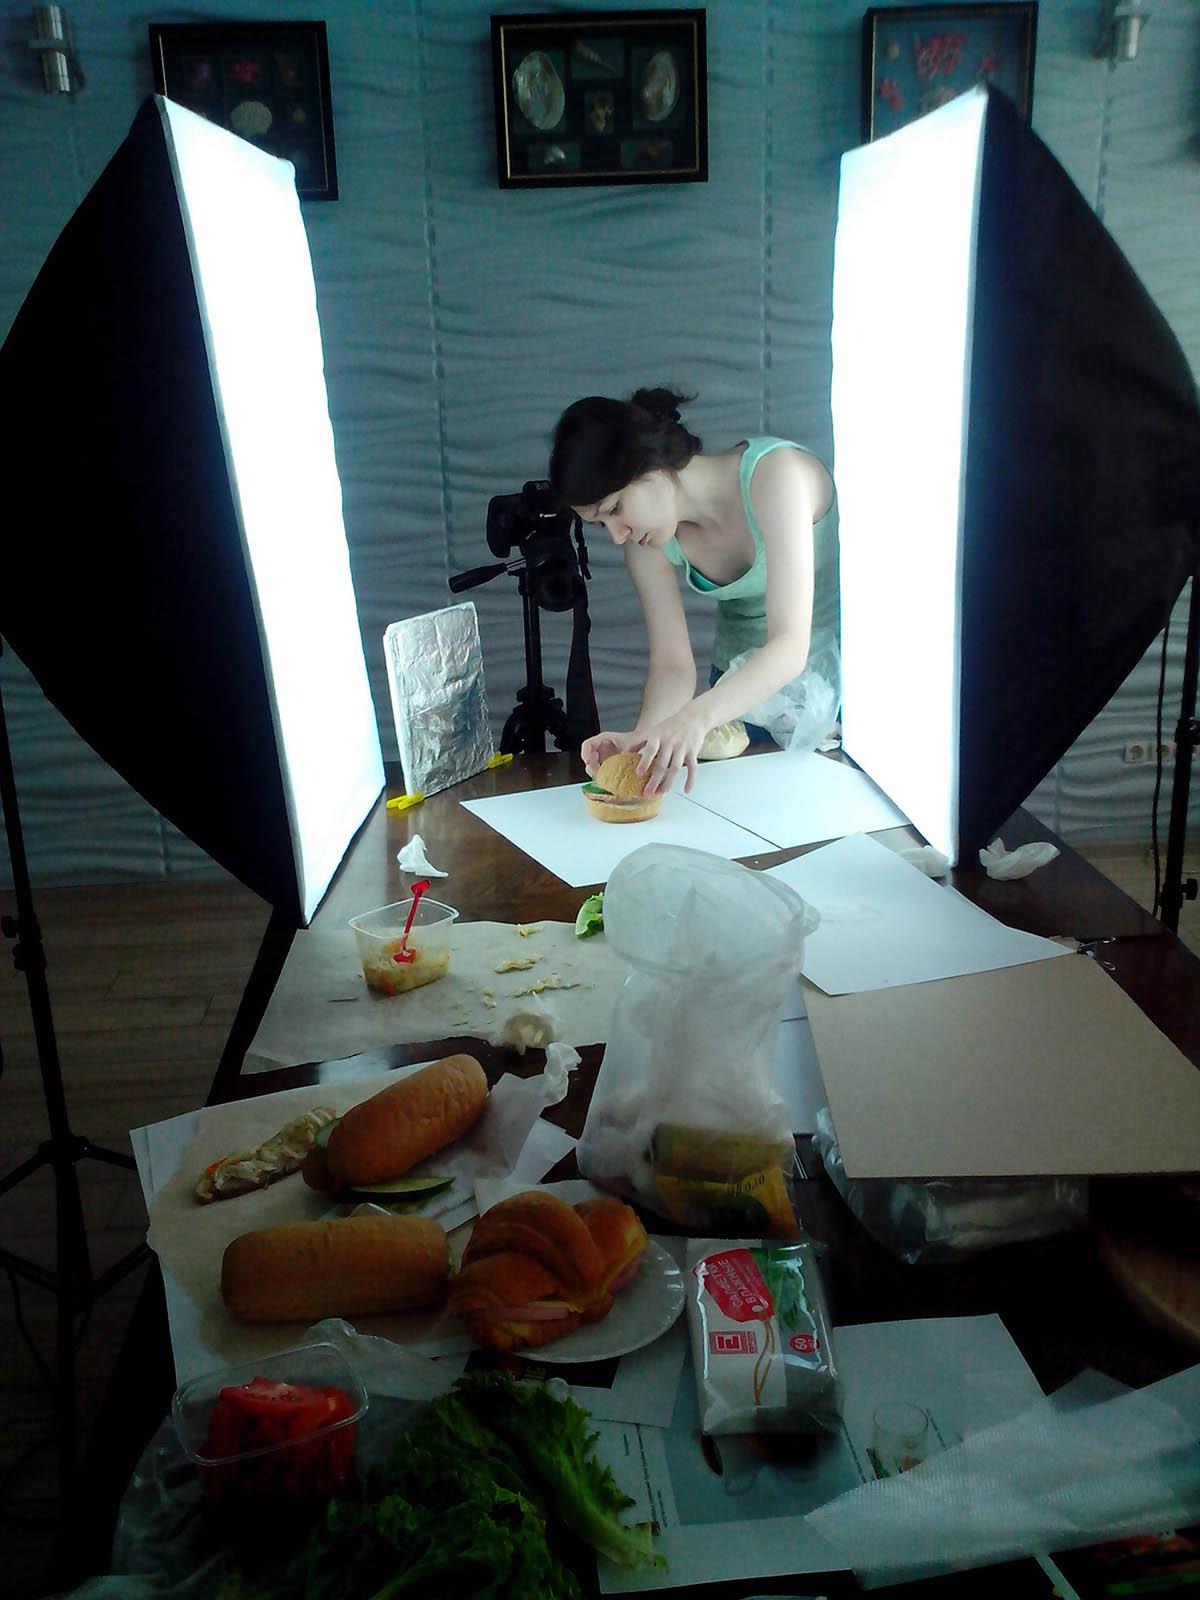 Раскладываю слои гамбургера. Перед этим нужно выяснить порядок слоев, нанести соус куда нужно и счистить его с огурцов и мяса. При хорошей организации это занимает 5 минут, при плохой — до 20